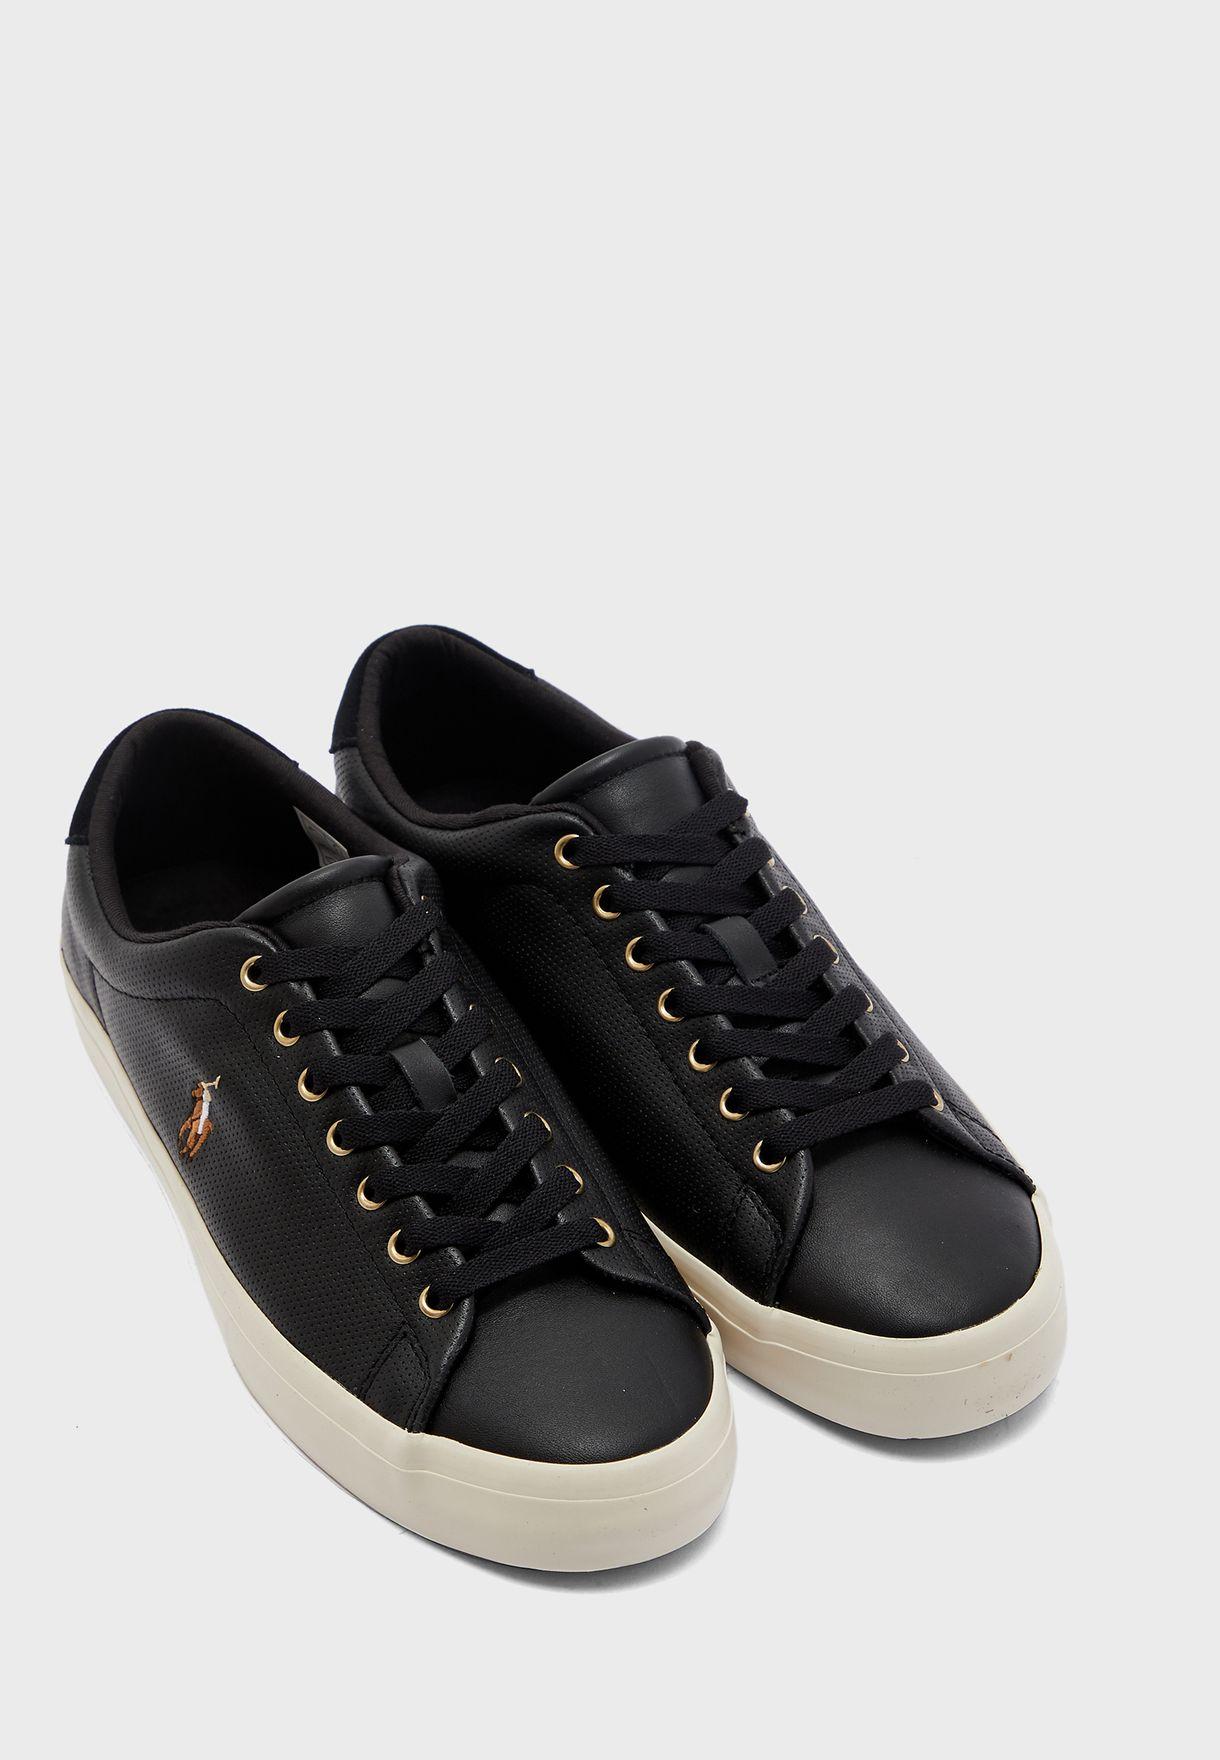 Longwood Sneakers